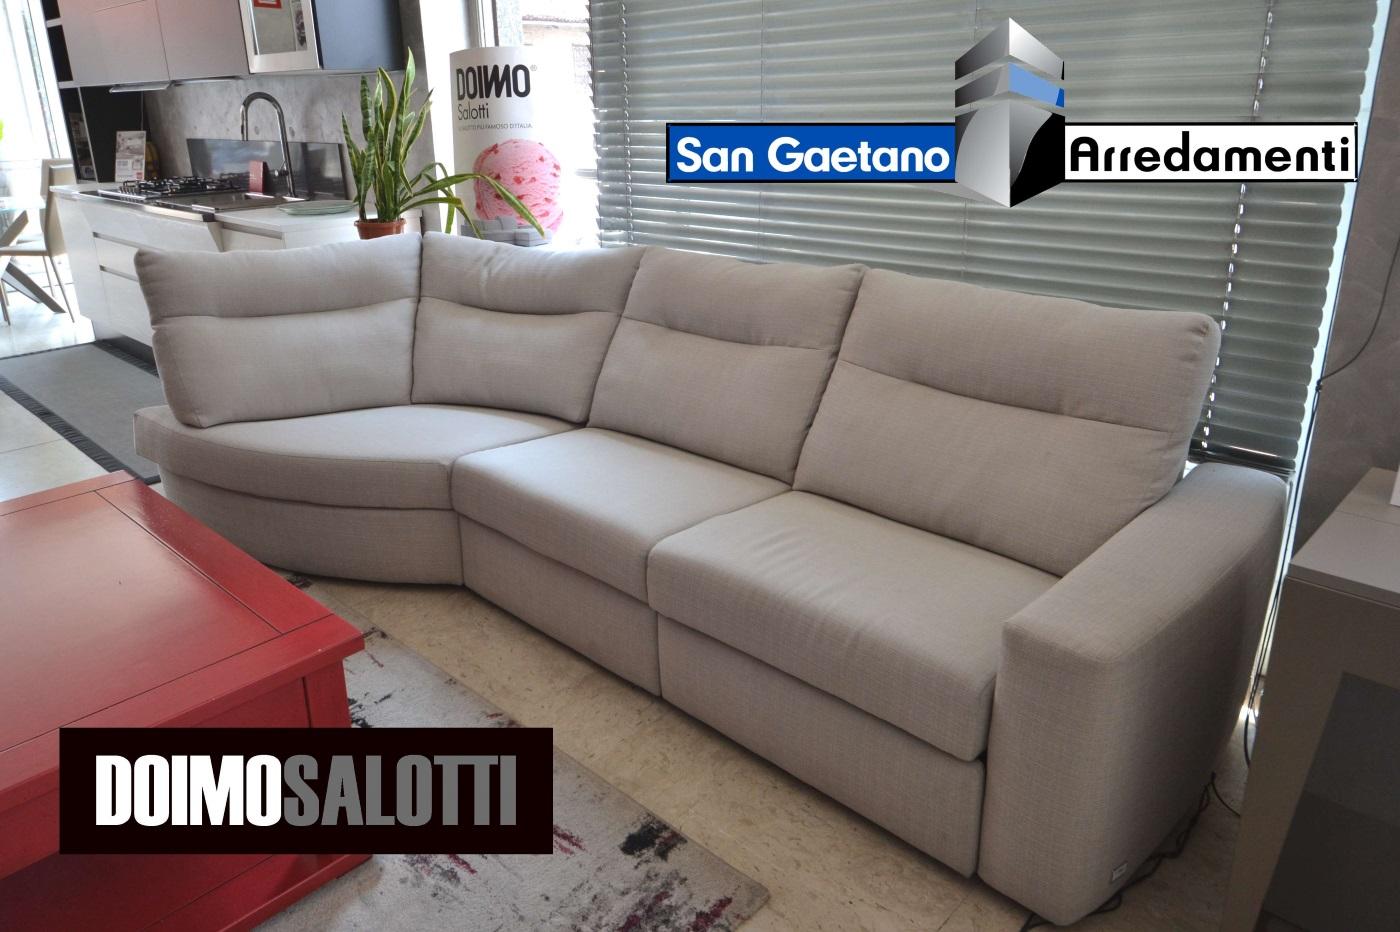 Offerta Divano Doimo Salotti modello Palace - San Gaetano Arredamenti